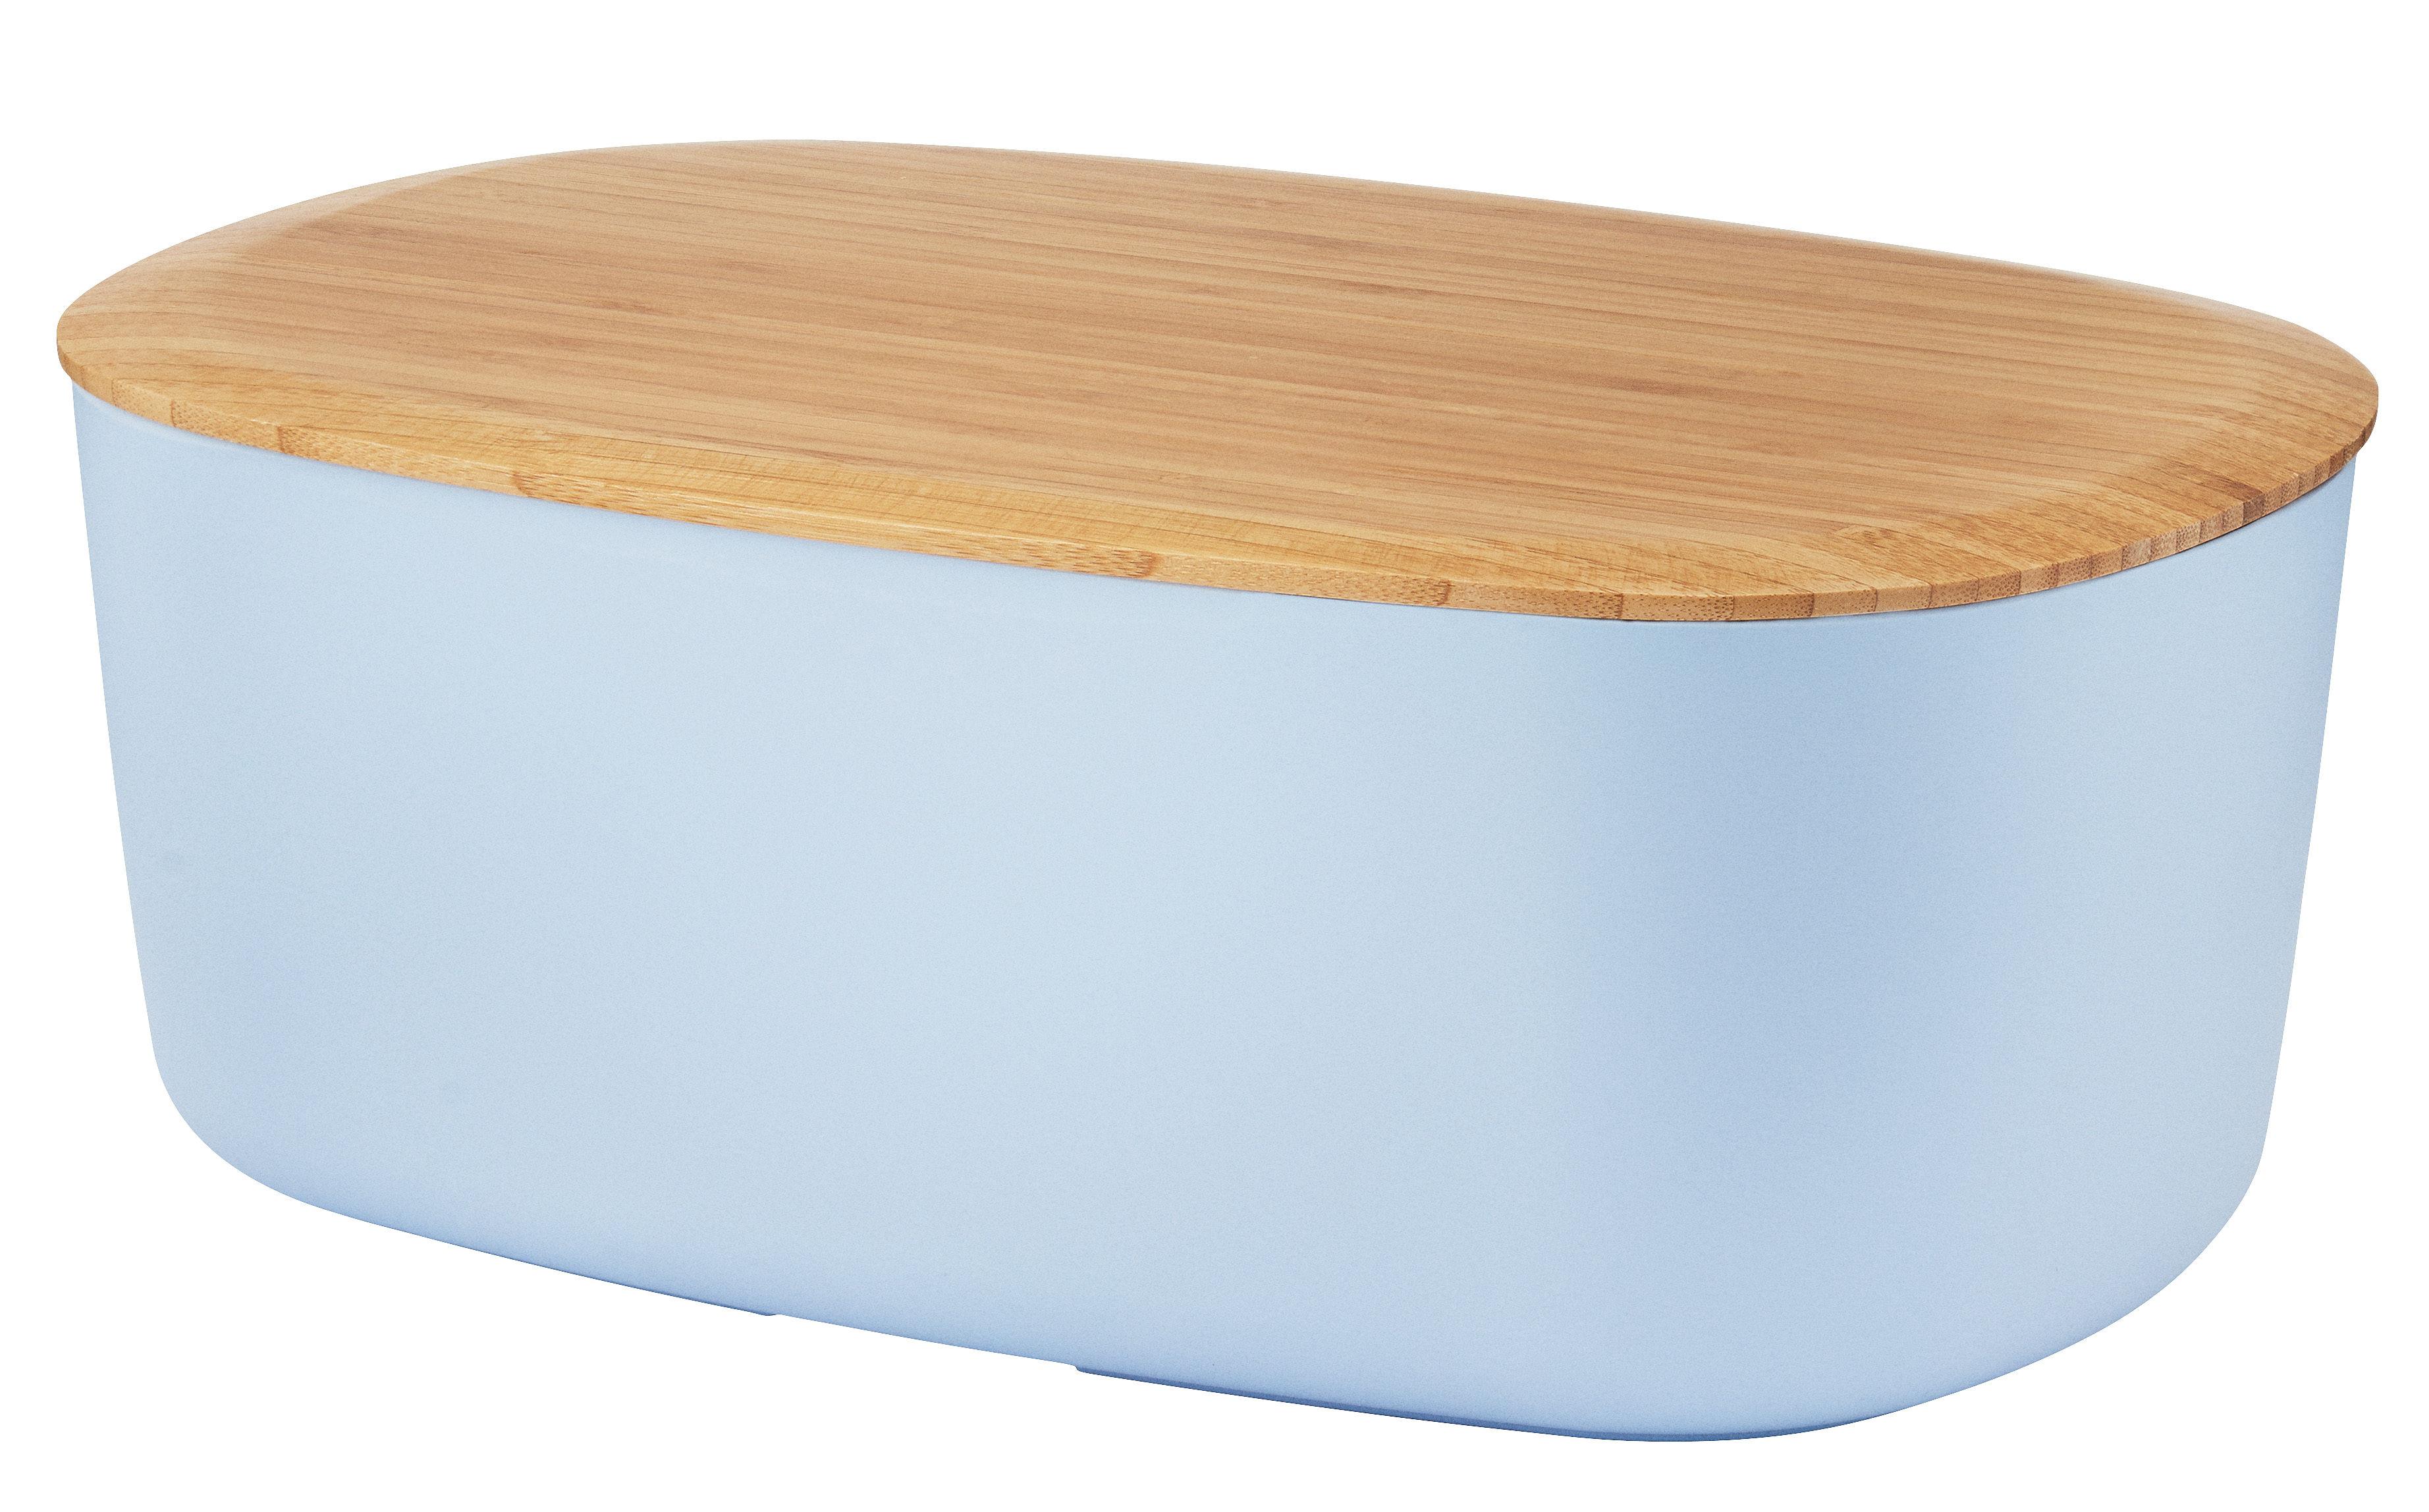 Küche - Dosen, Boxen und Gläser - Brotkasten / mit Schneidebrett als Deckel - Stelton - Blau / holzfarben - Bambus, Melamin